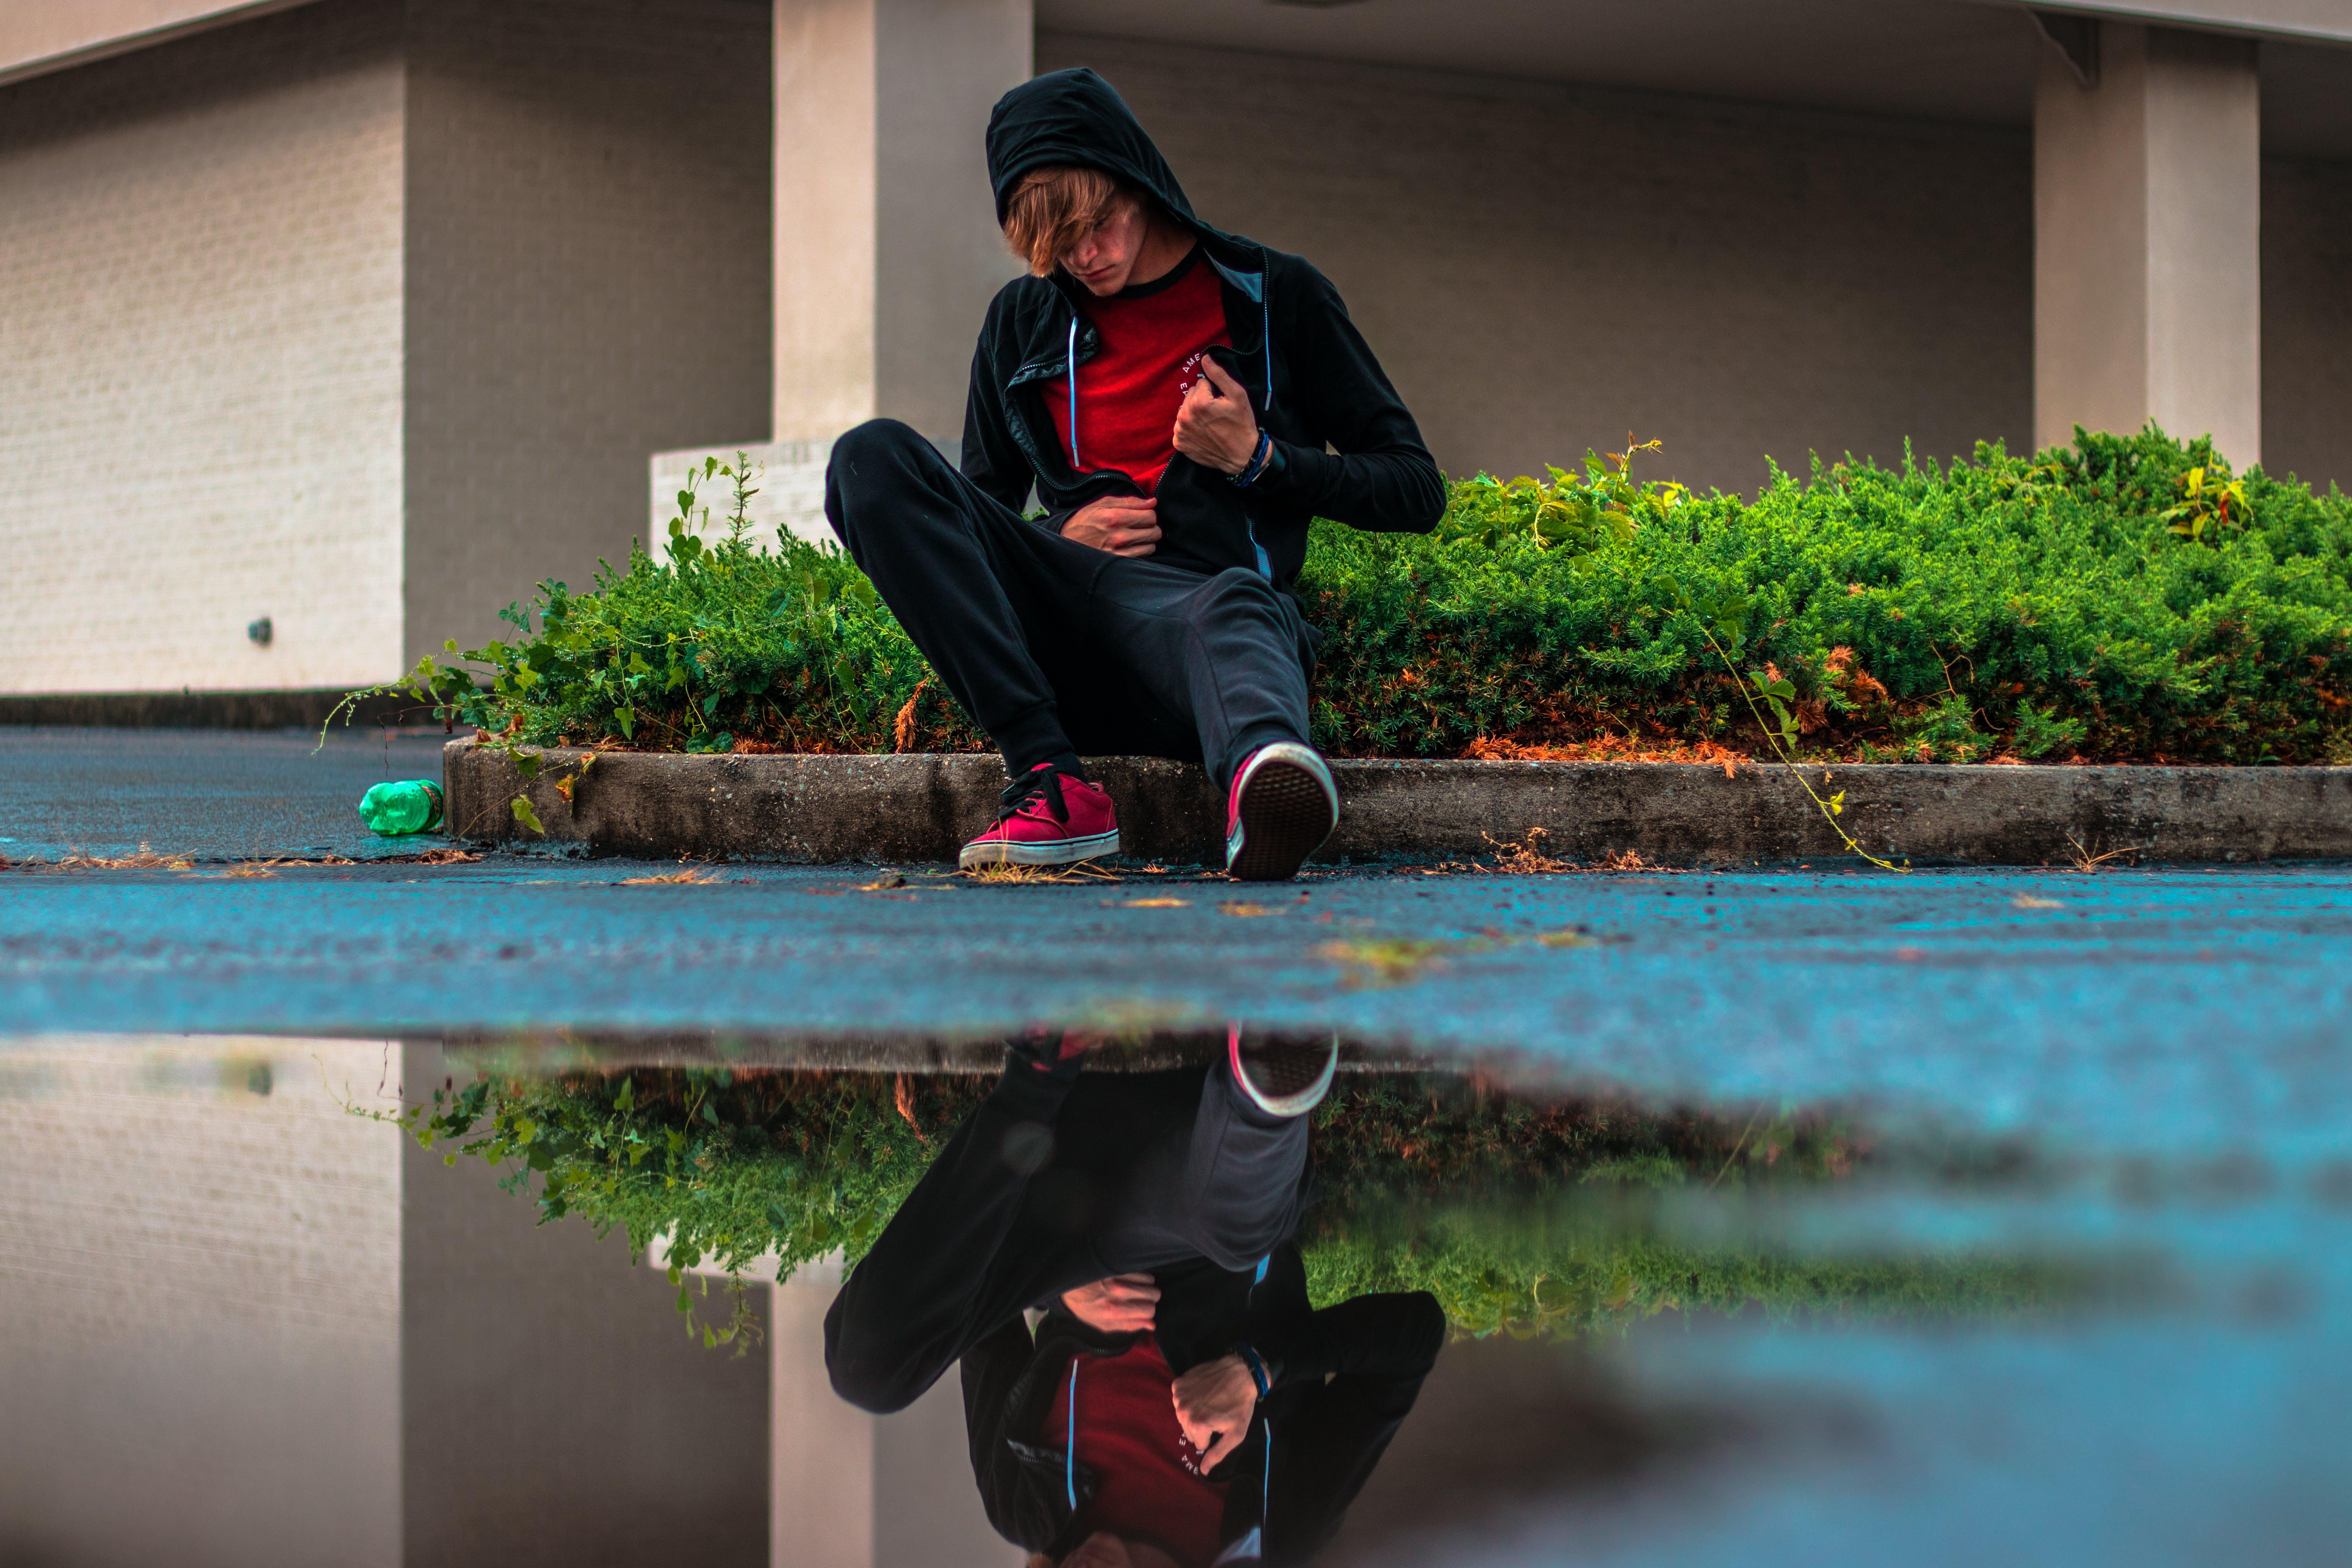 Boy Sitting on Gray Concrete Pavement